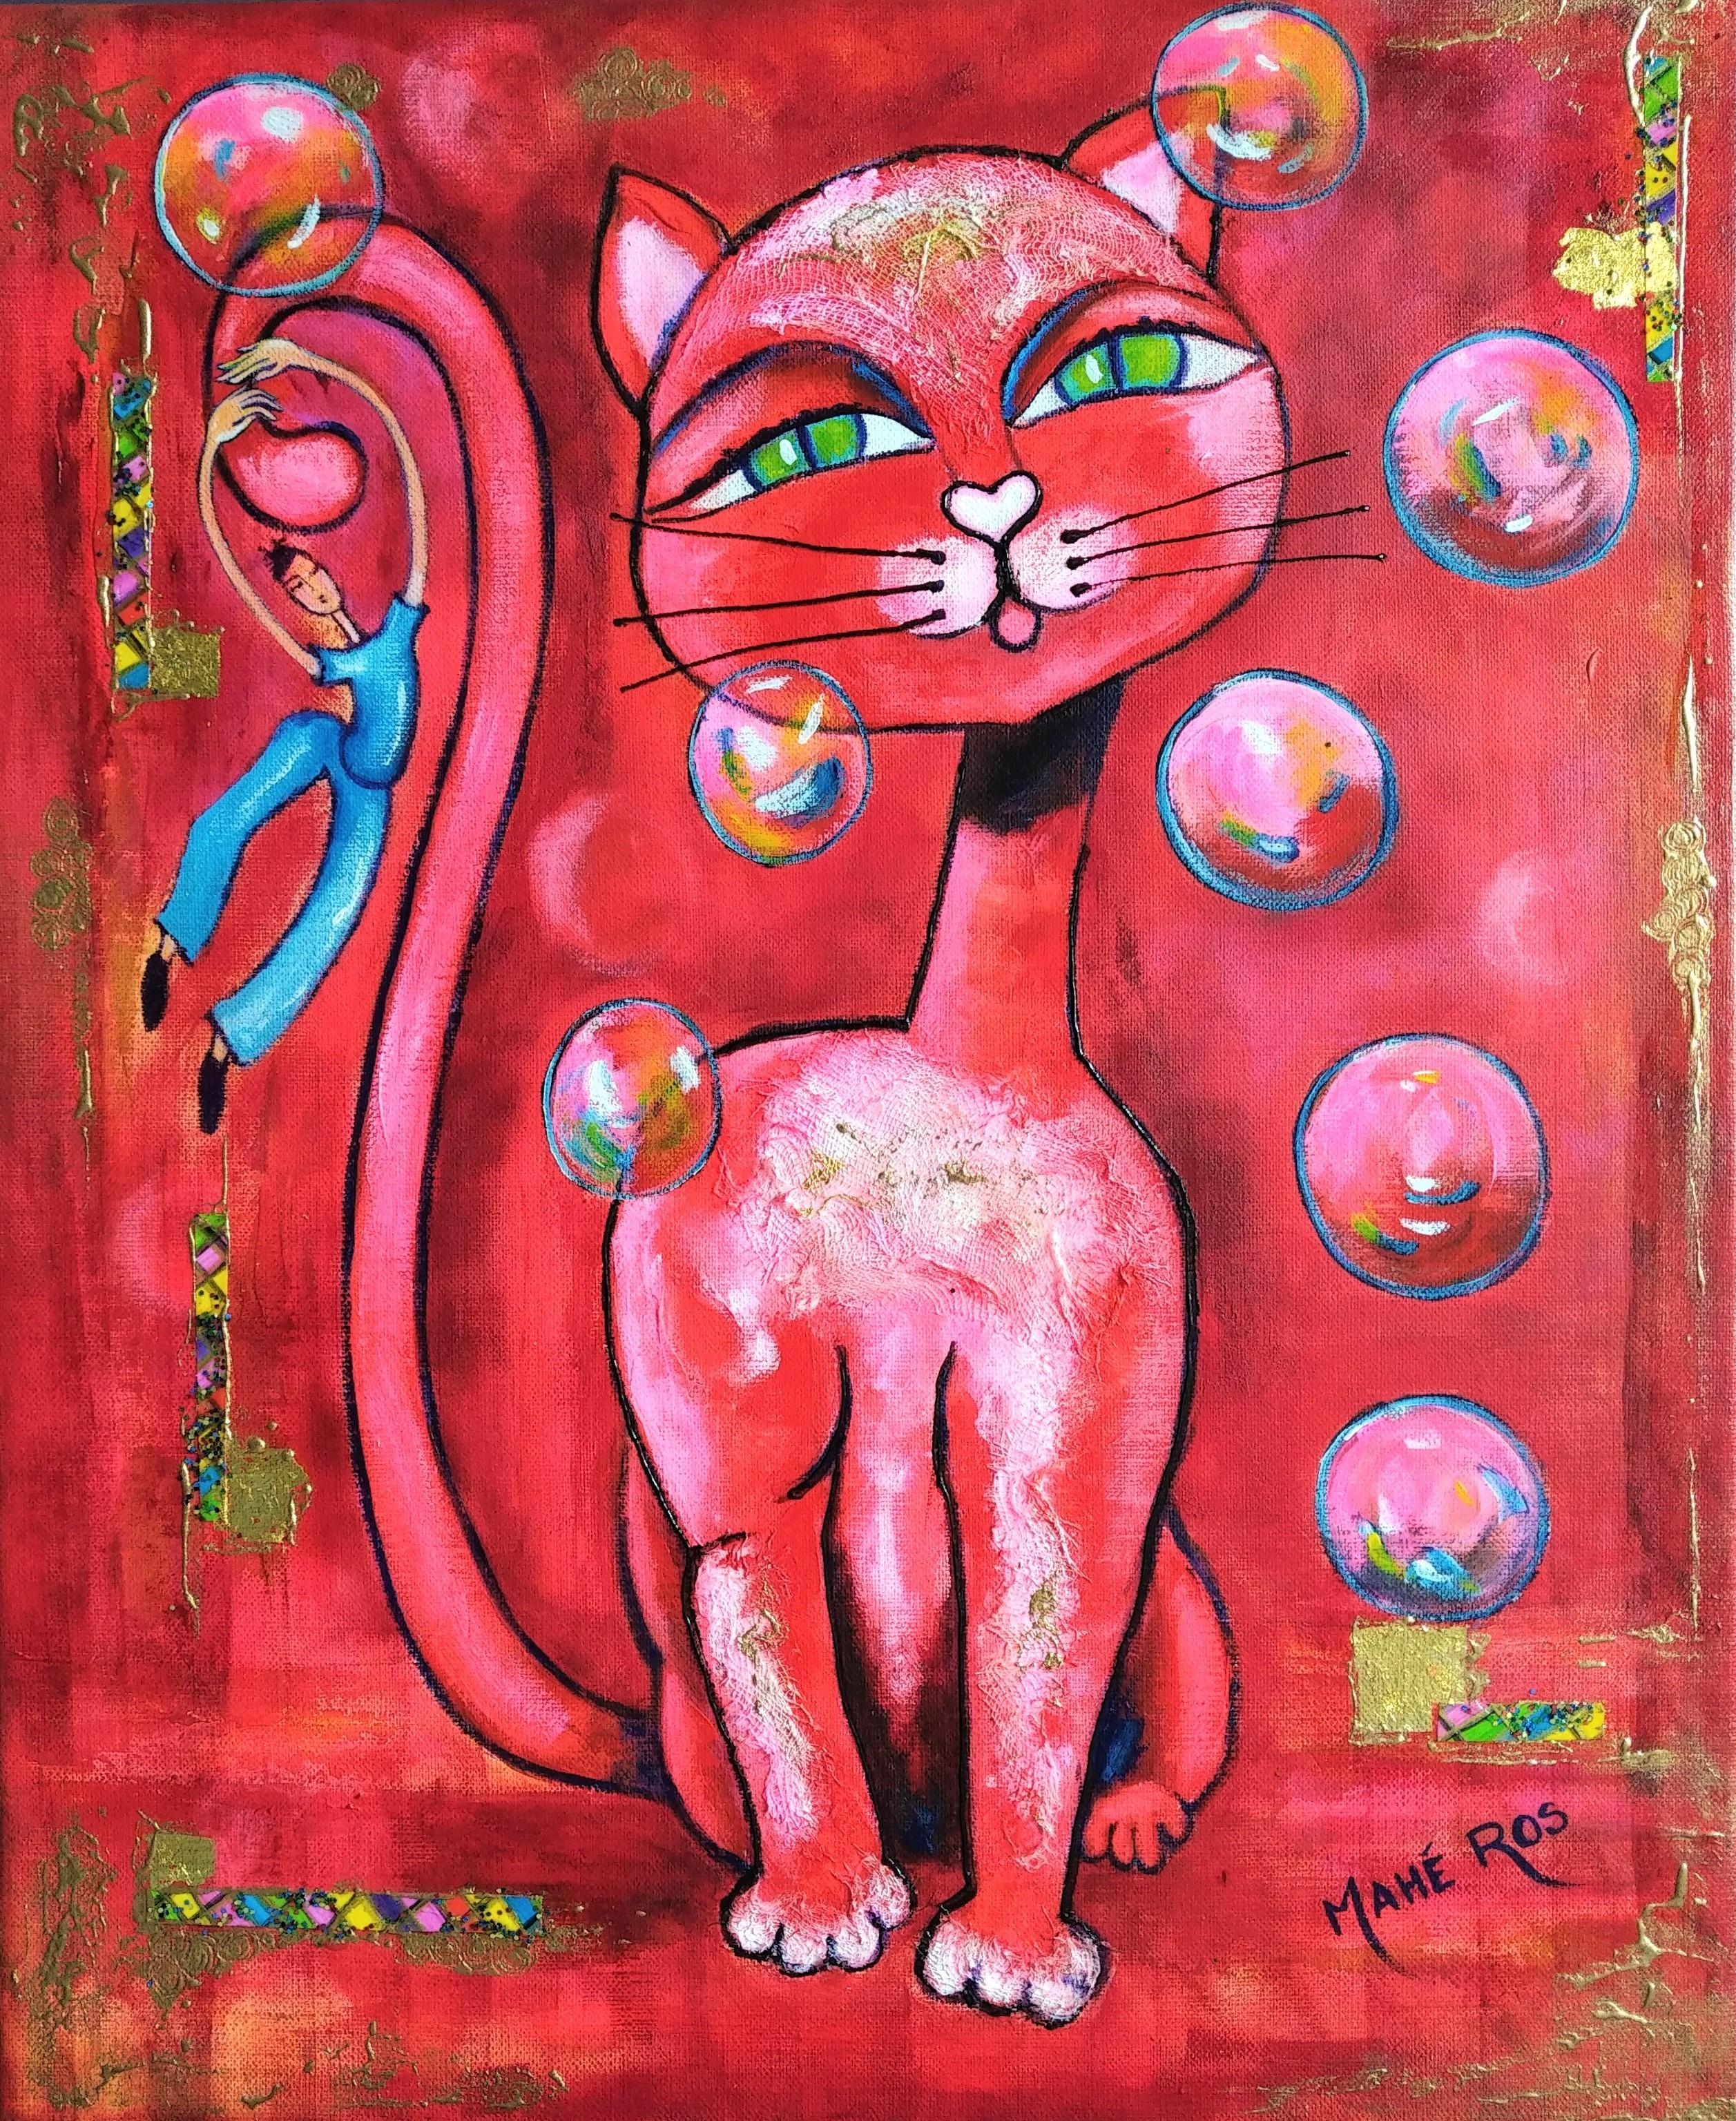 Red cat - 46x38